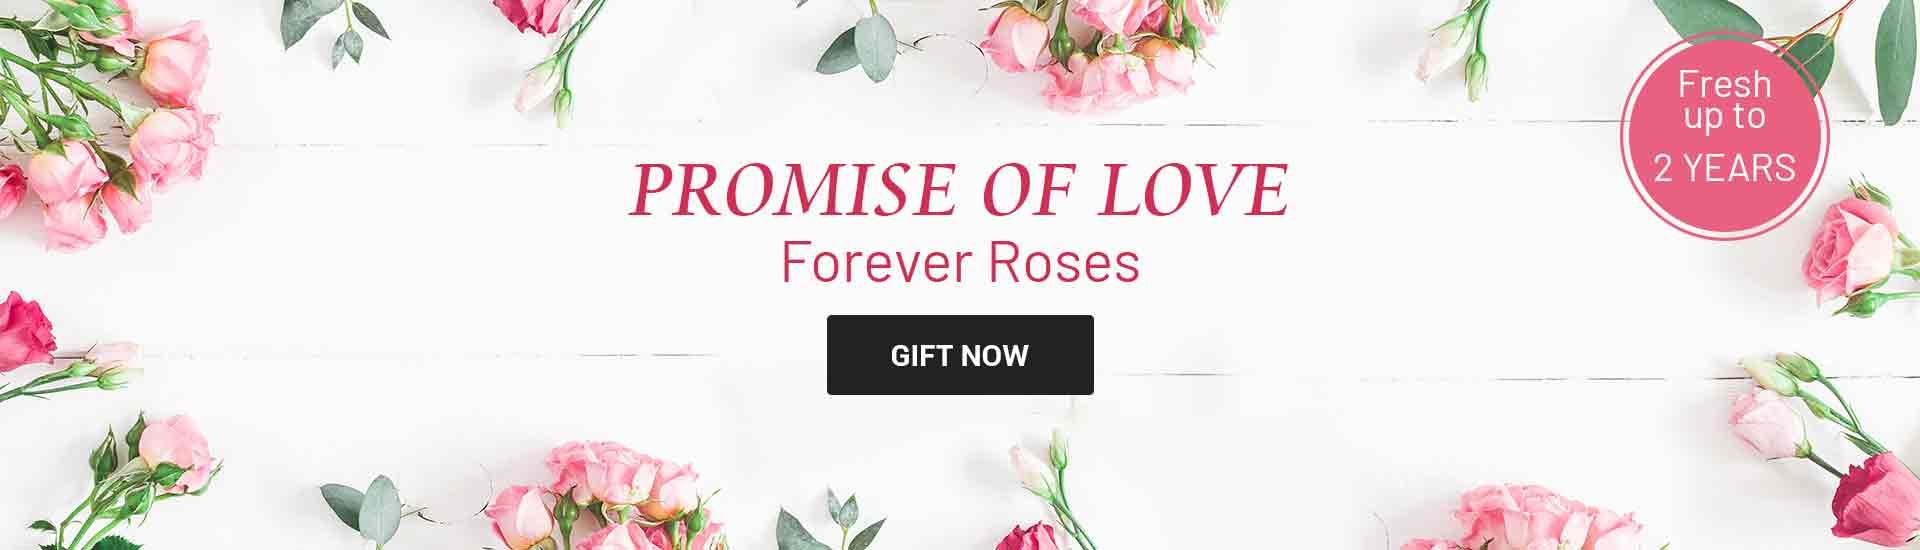 Forever Roses Online